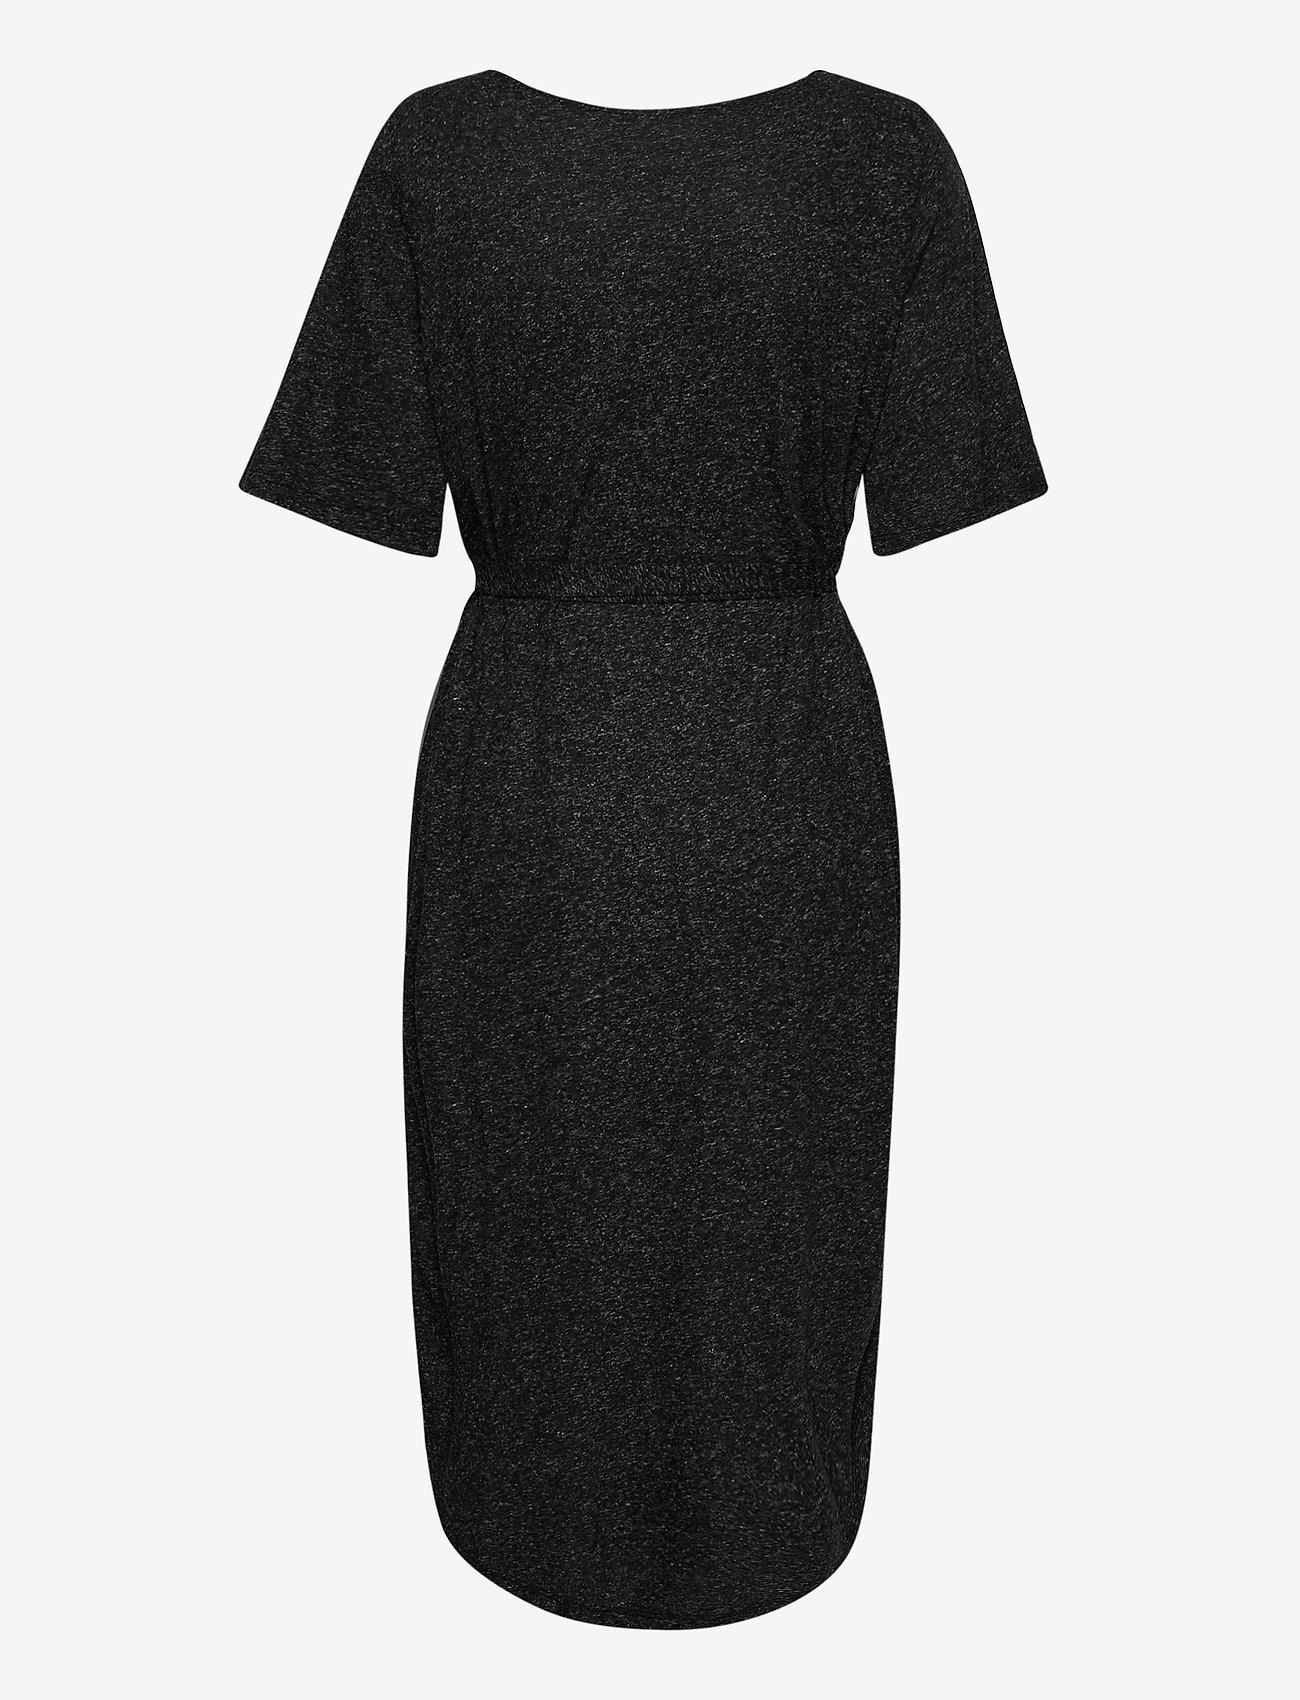 Selected Femme - SLFIVY 2/4EACH DRESS SOLID M - sommerkleider - black - 1